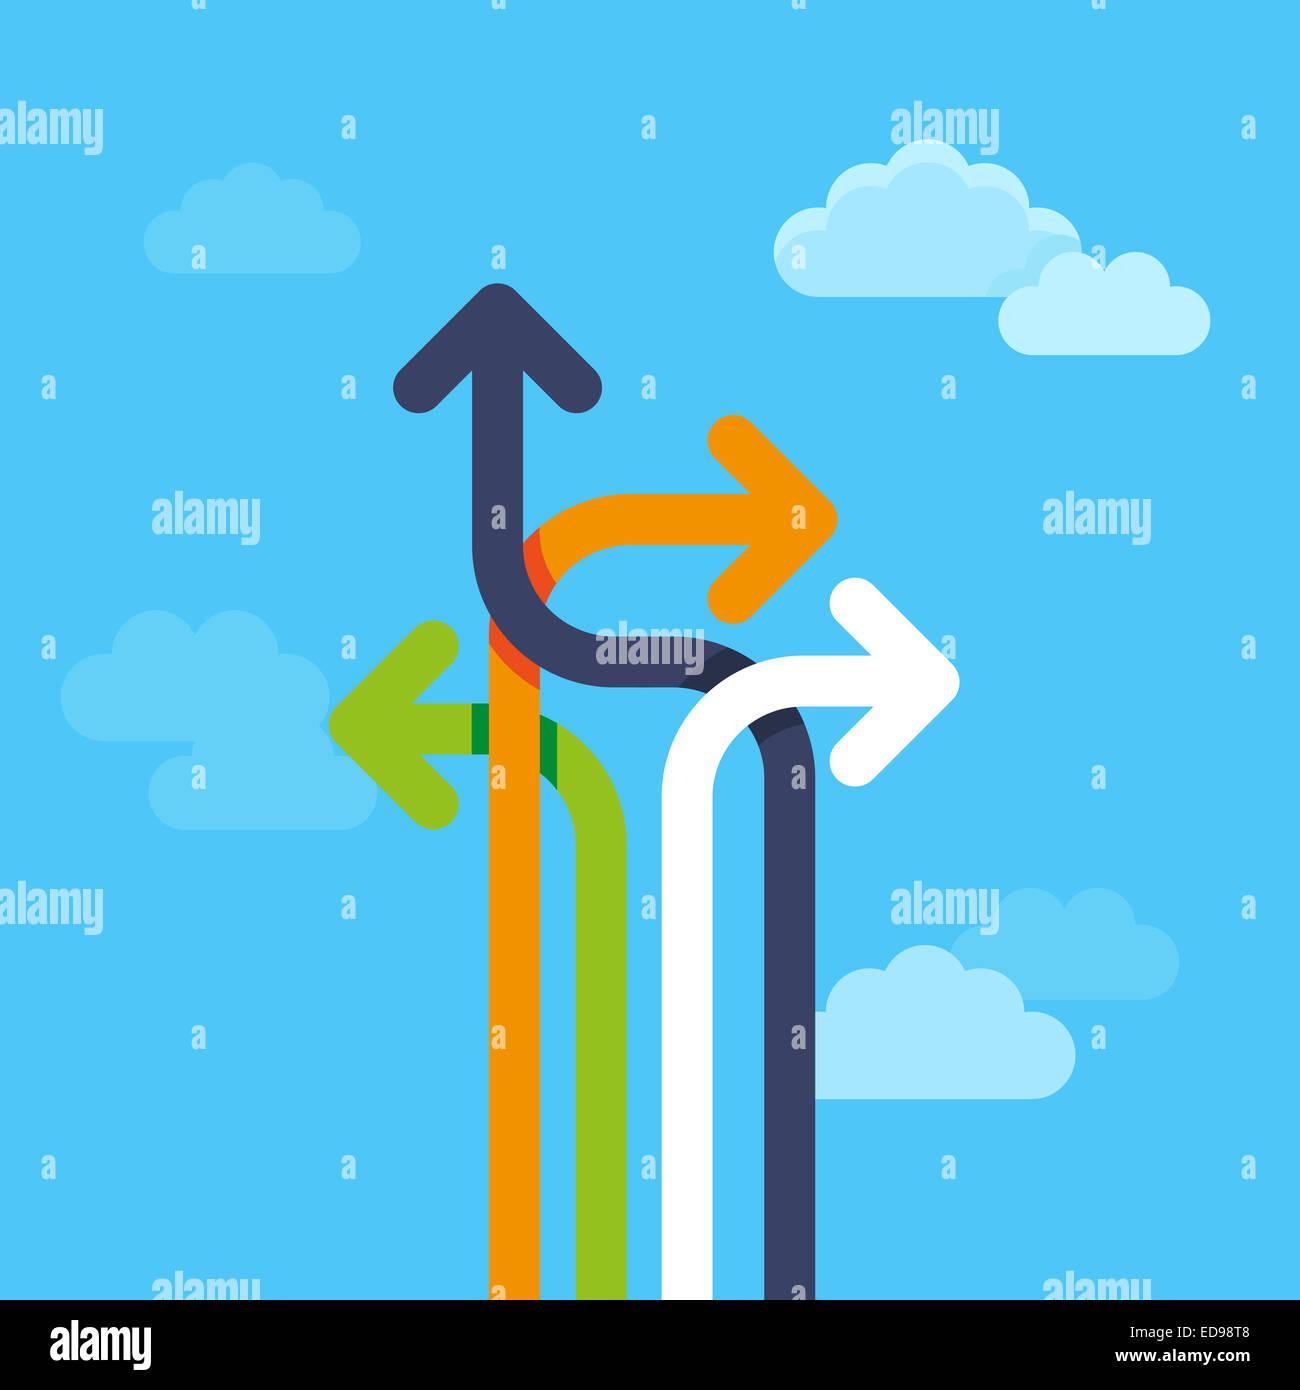 Abstrakte Strategiekonzept im flachen Stil - Weg zum Erfolg Stockbild